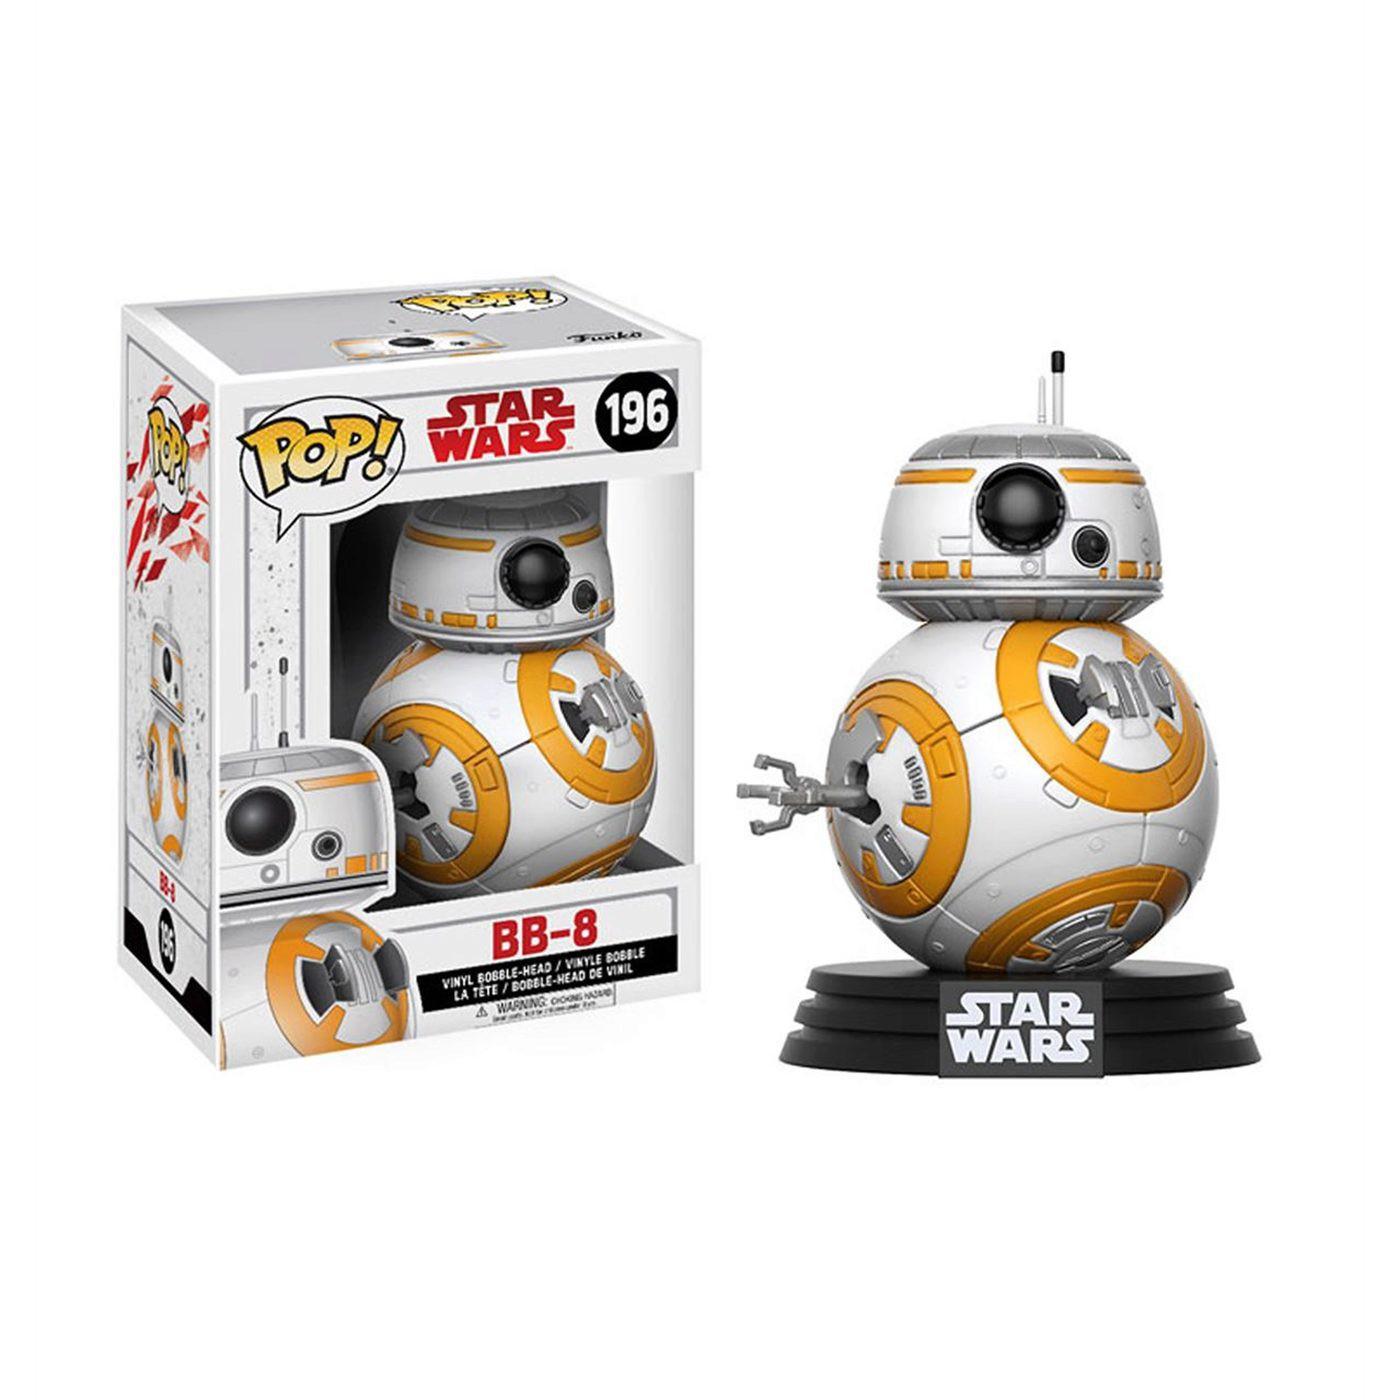 Star Wars The Last Jedi BB-8 Funko Pop Bobble Head